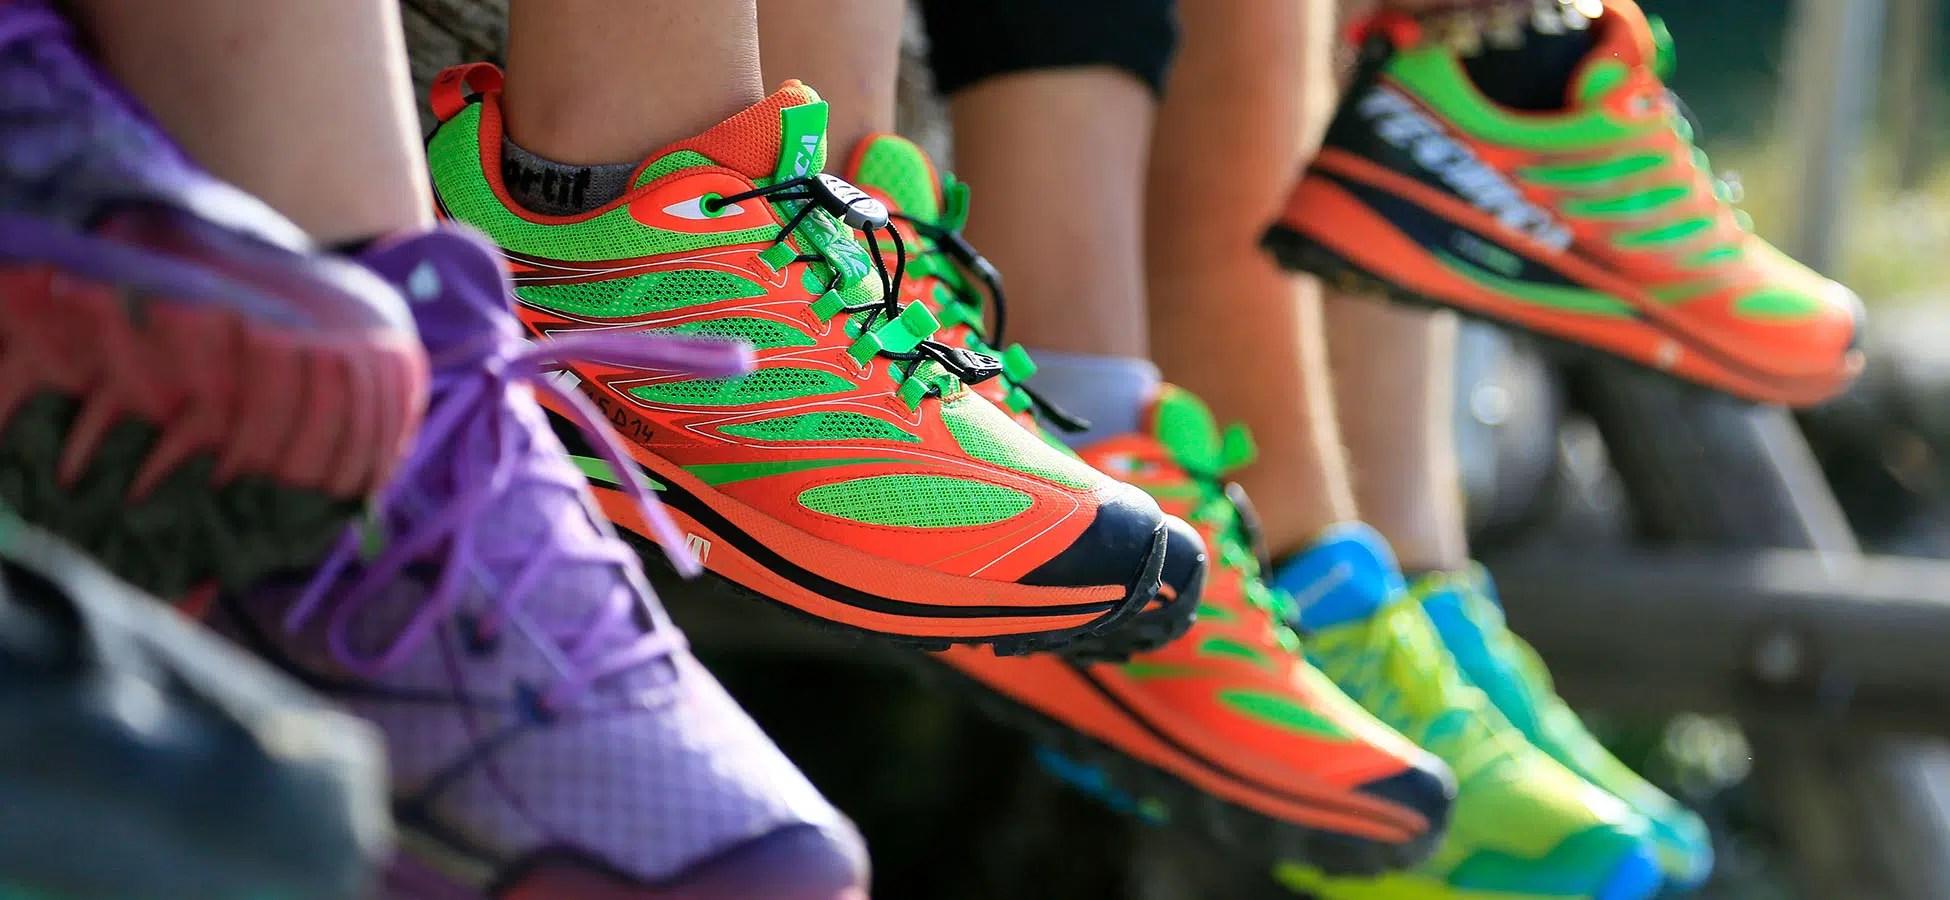 Photographies de chaussures de marque en extérieur